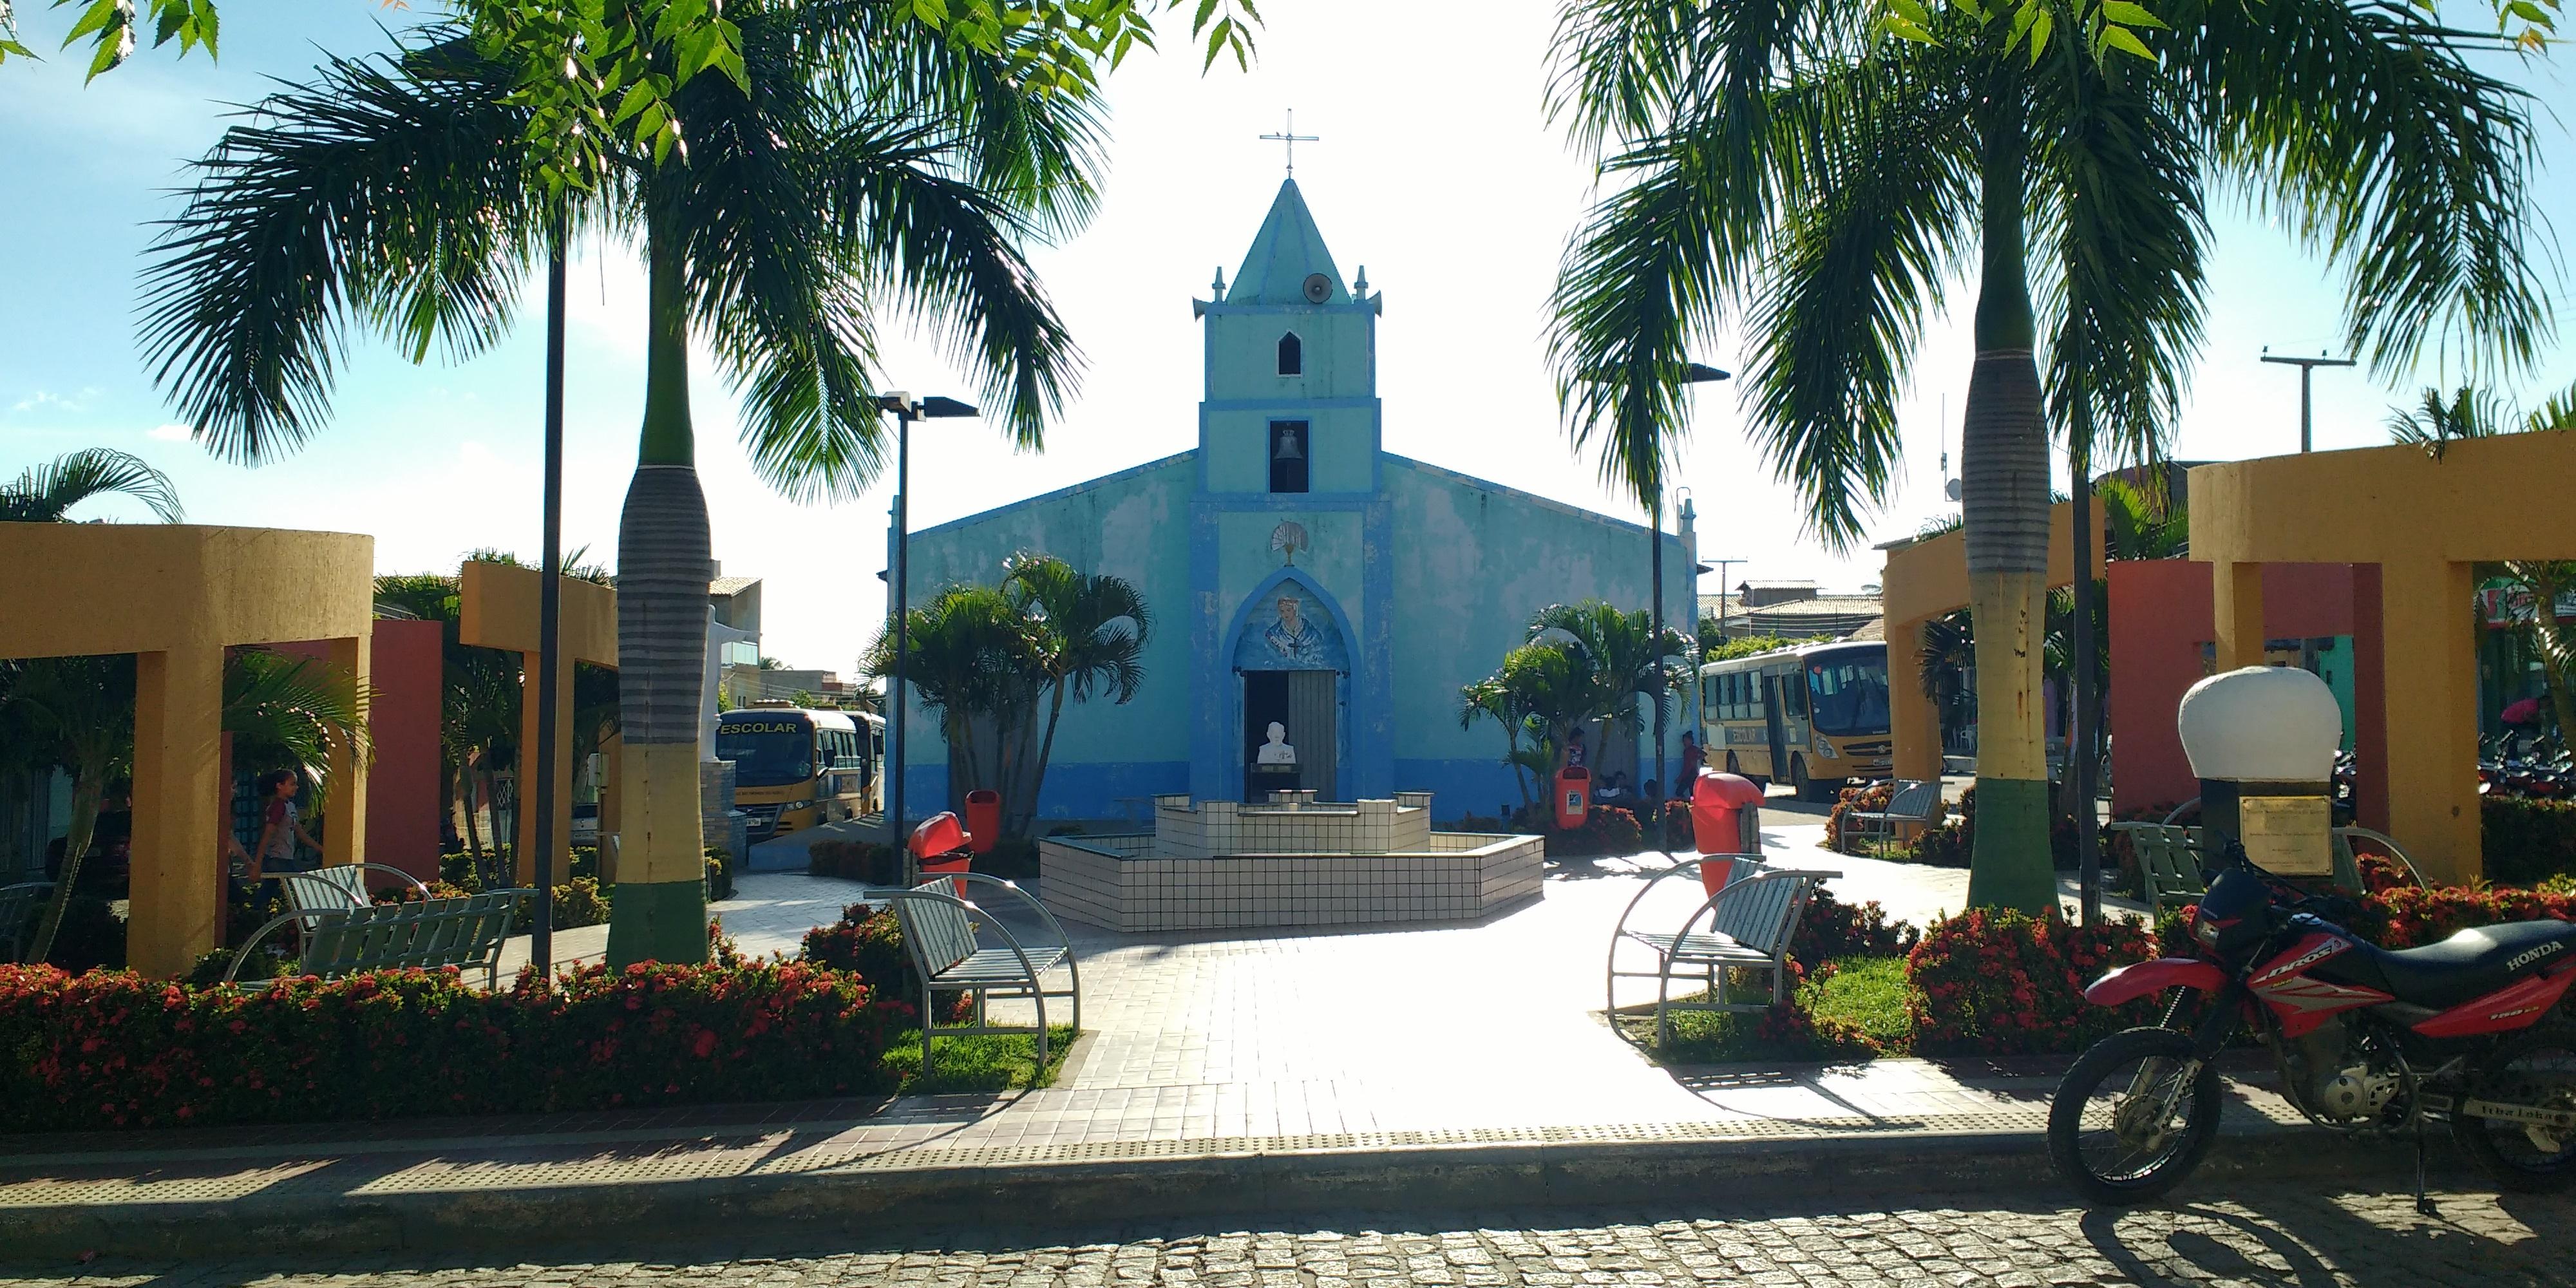 Serrinha Rio Grande do Norte fonte: upload.wikimedia.org